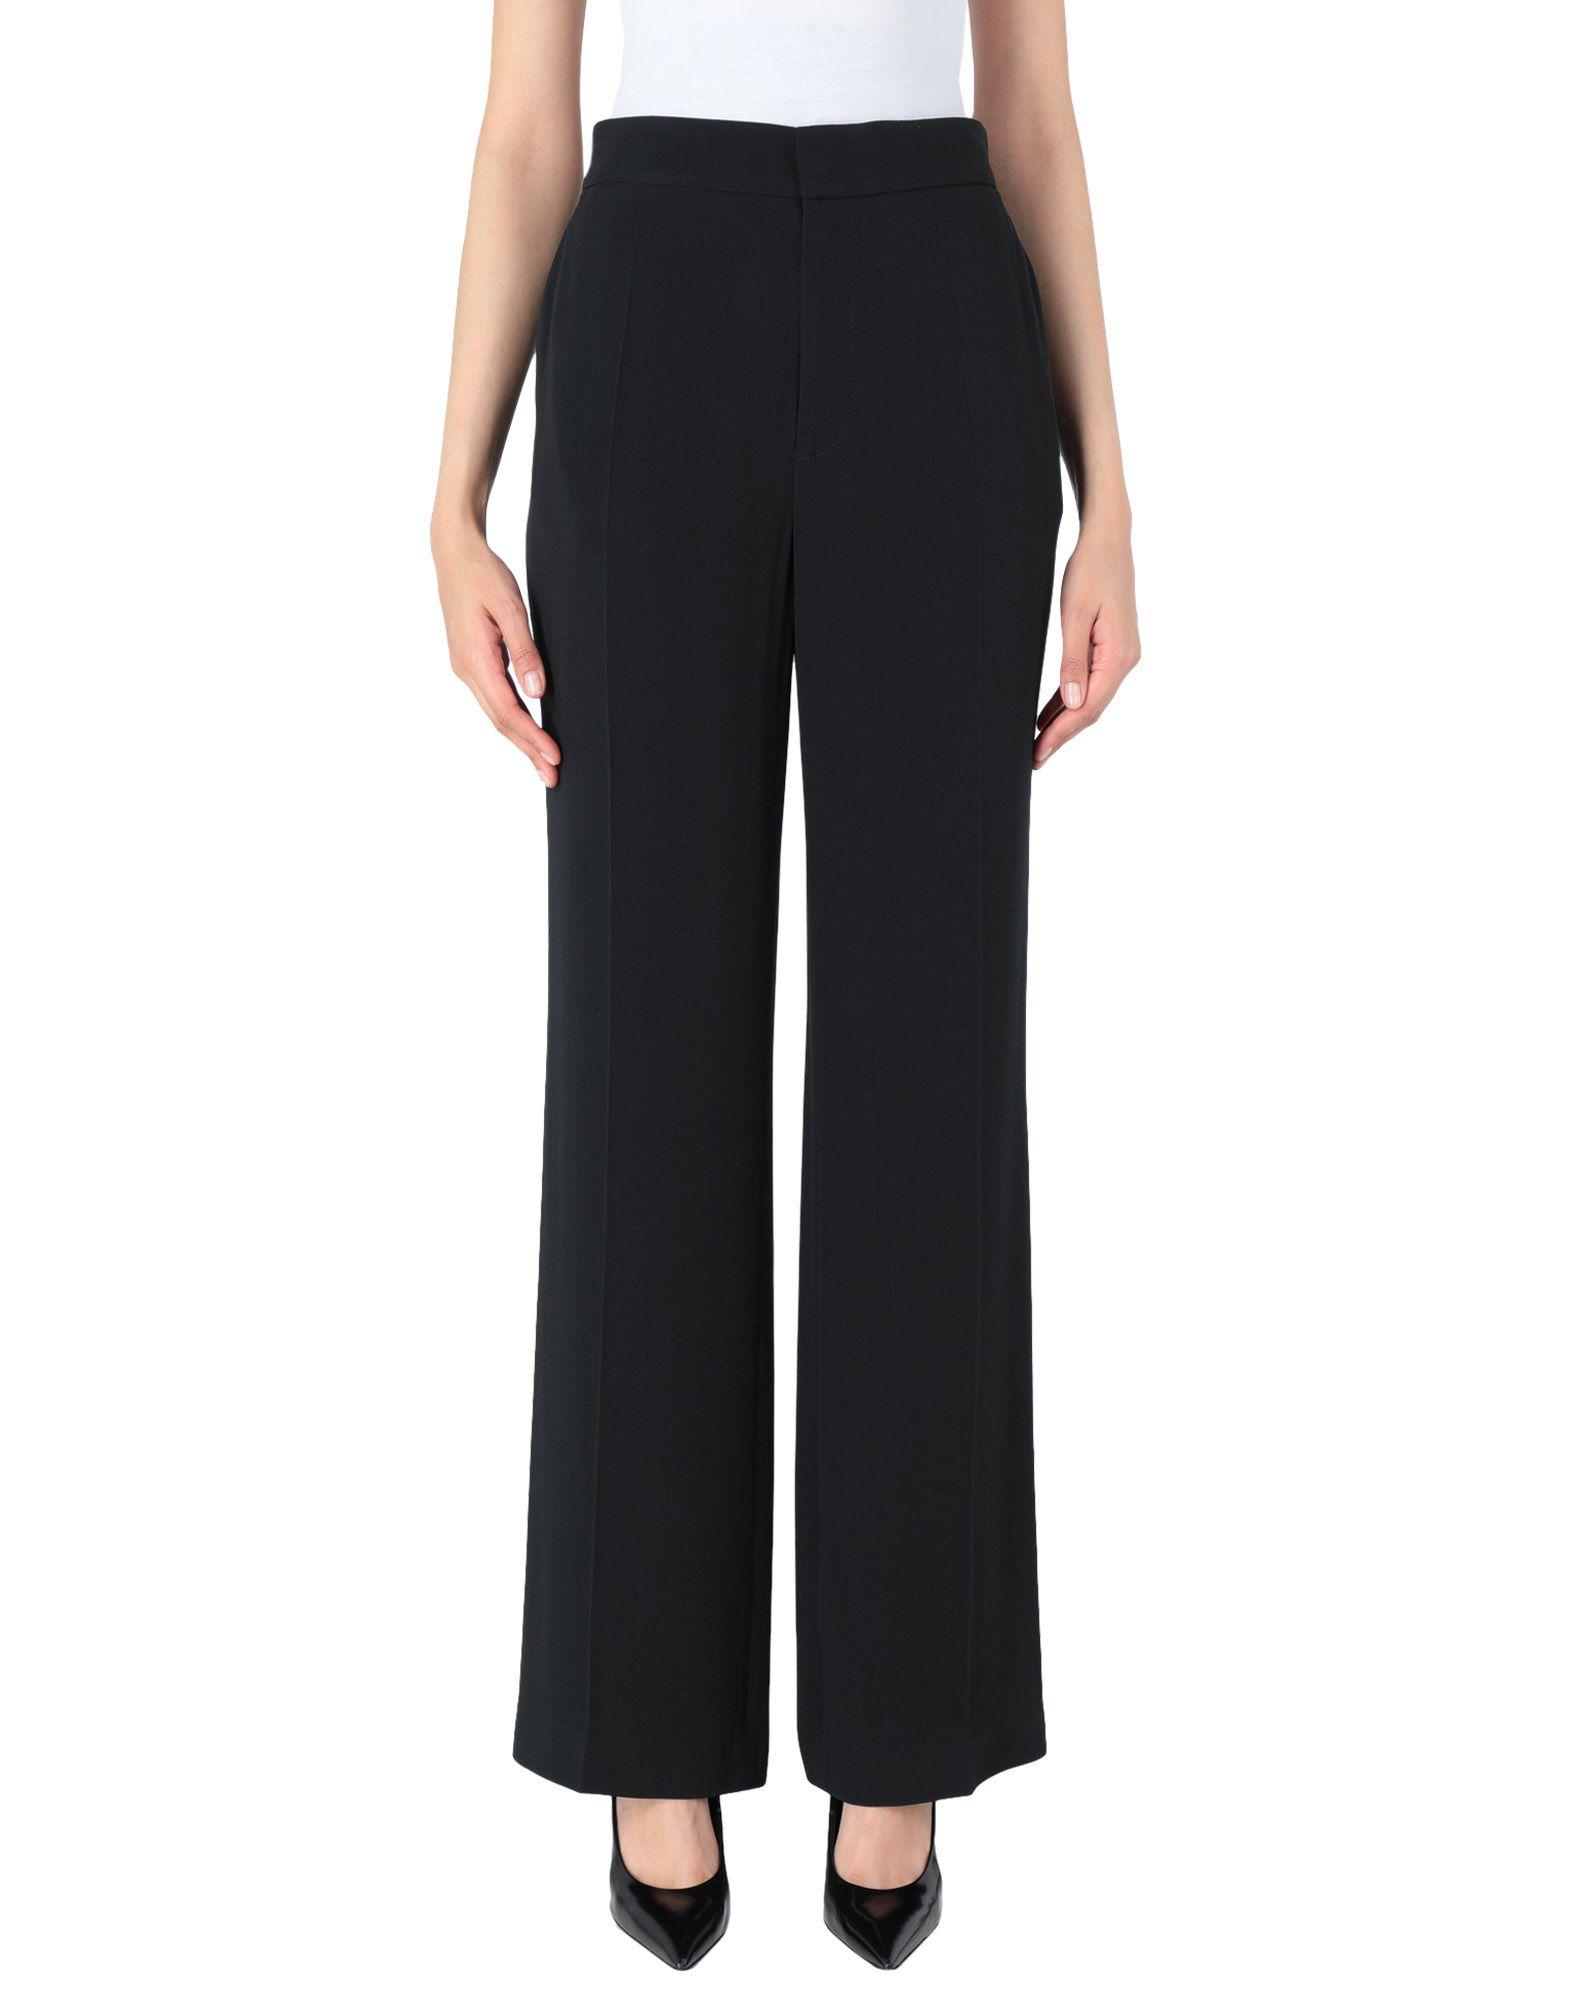 Pantalone Joseph donna donna donna - 13351348XU 5e2